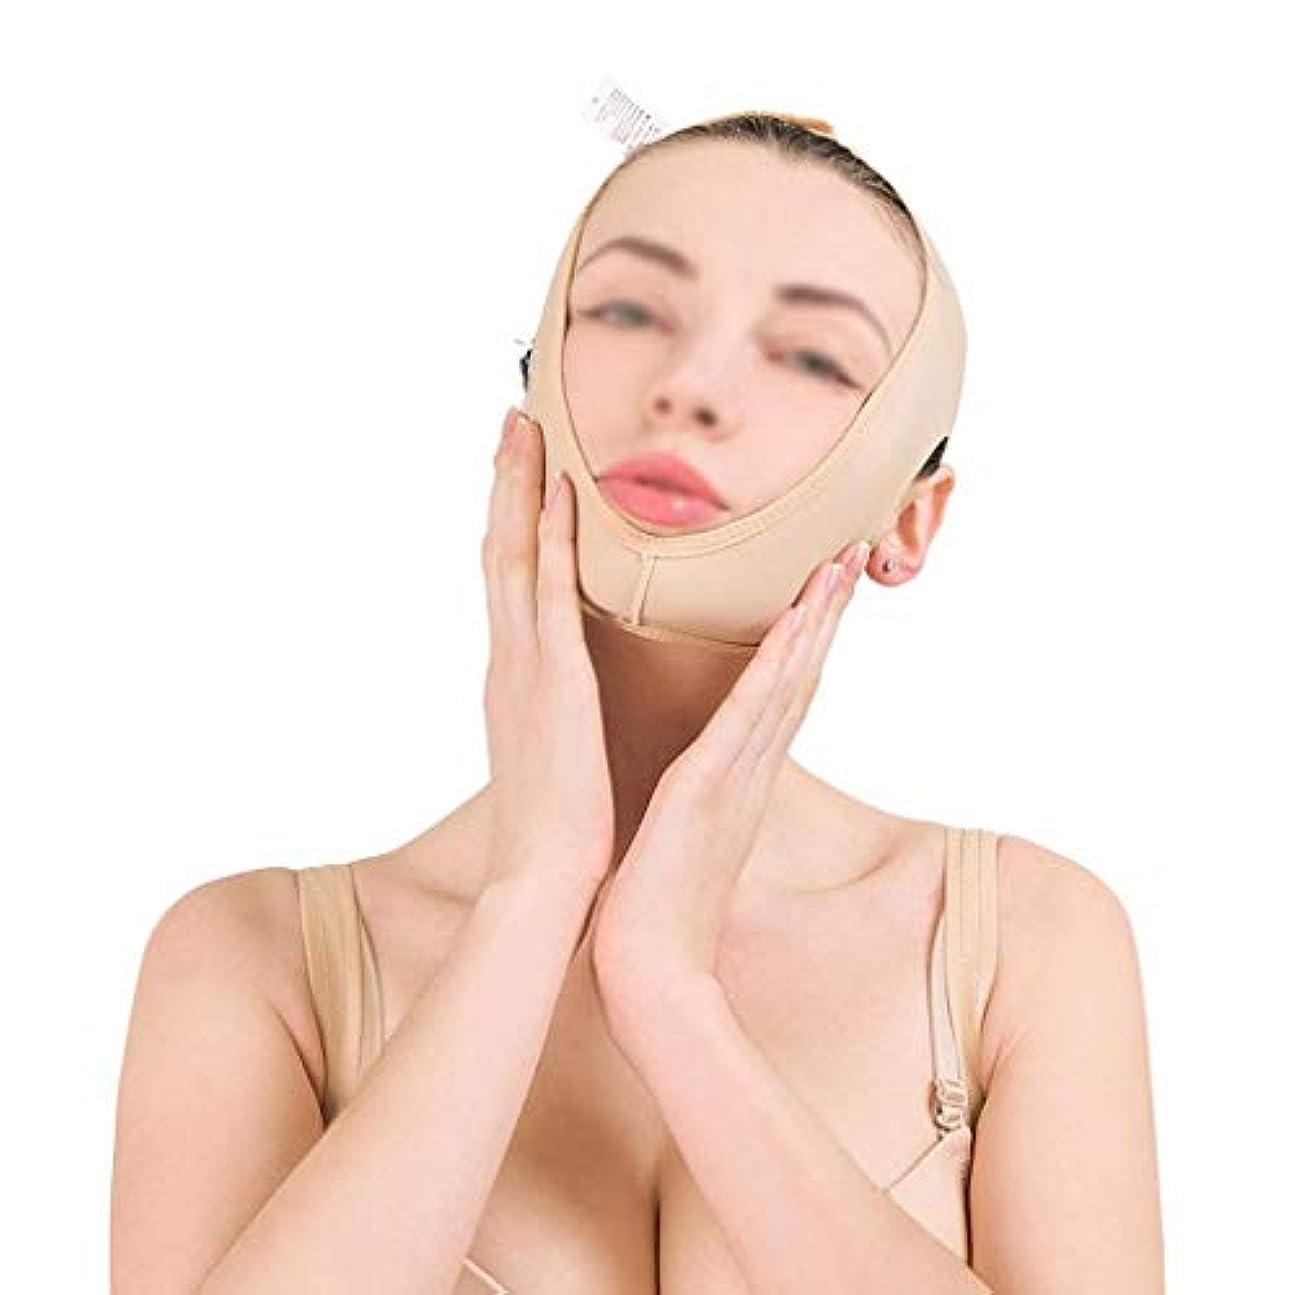 検出可能平和なましいマスク減量、肌の包帯を引き締めるリフティングフェイスバンド、フェイスリフティング、ダブルチンビューティバンデージ、フェイスリフト(サイズ:L),M